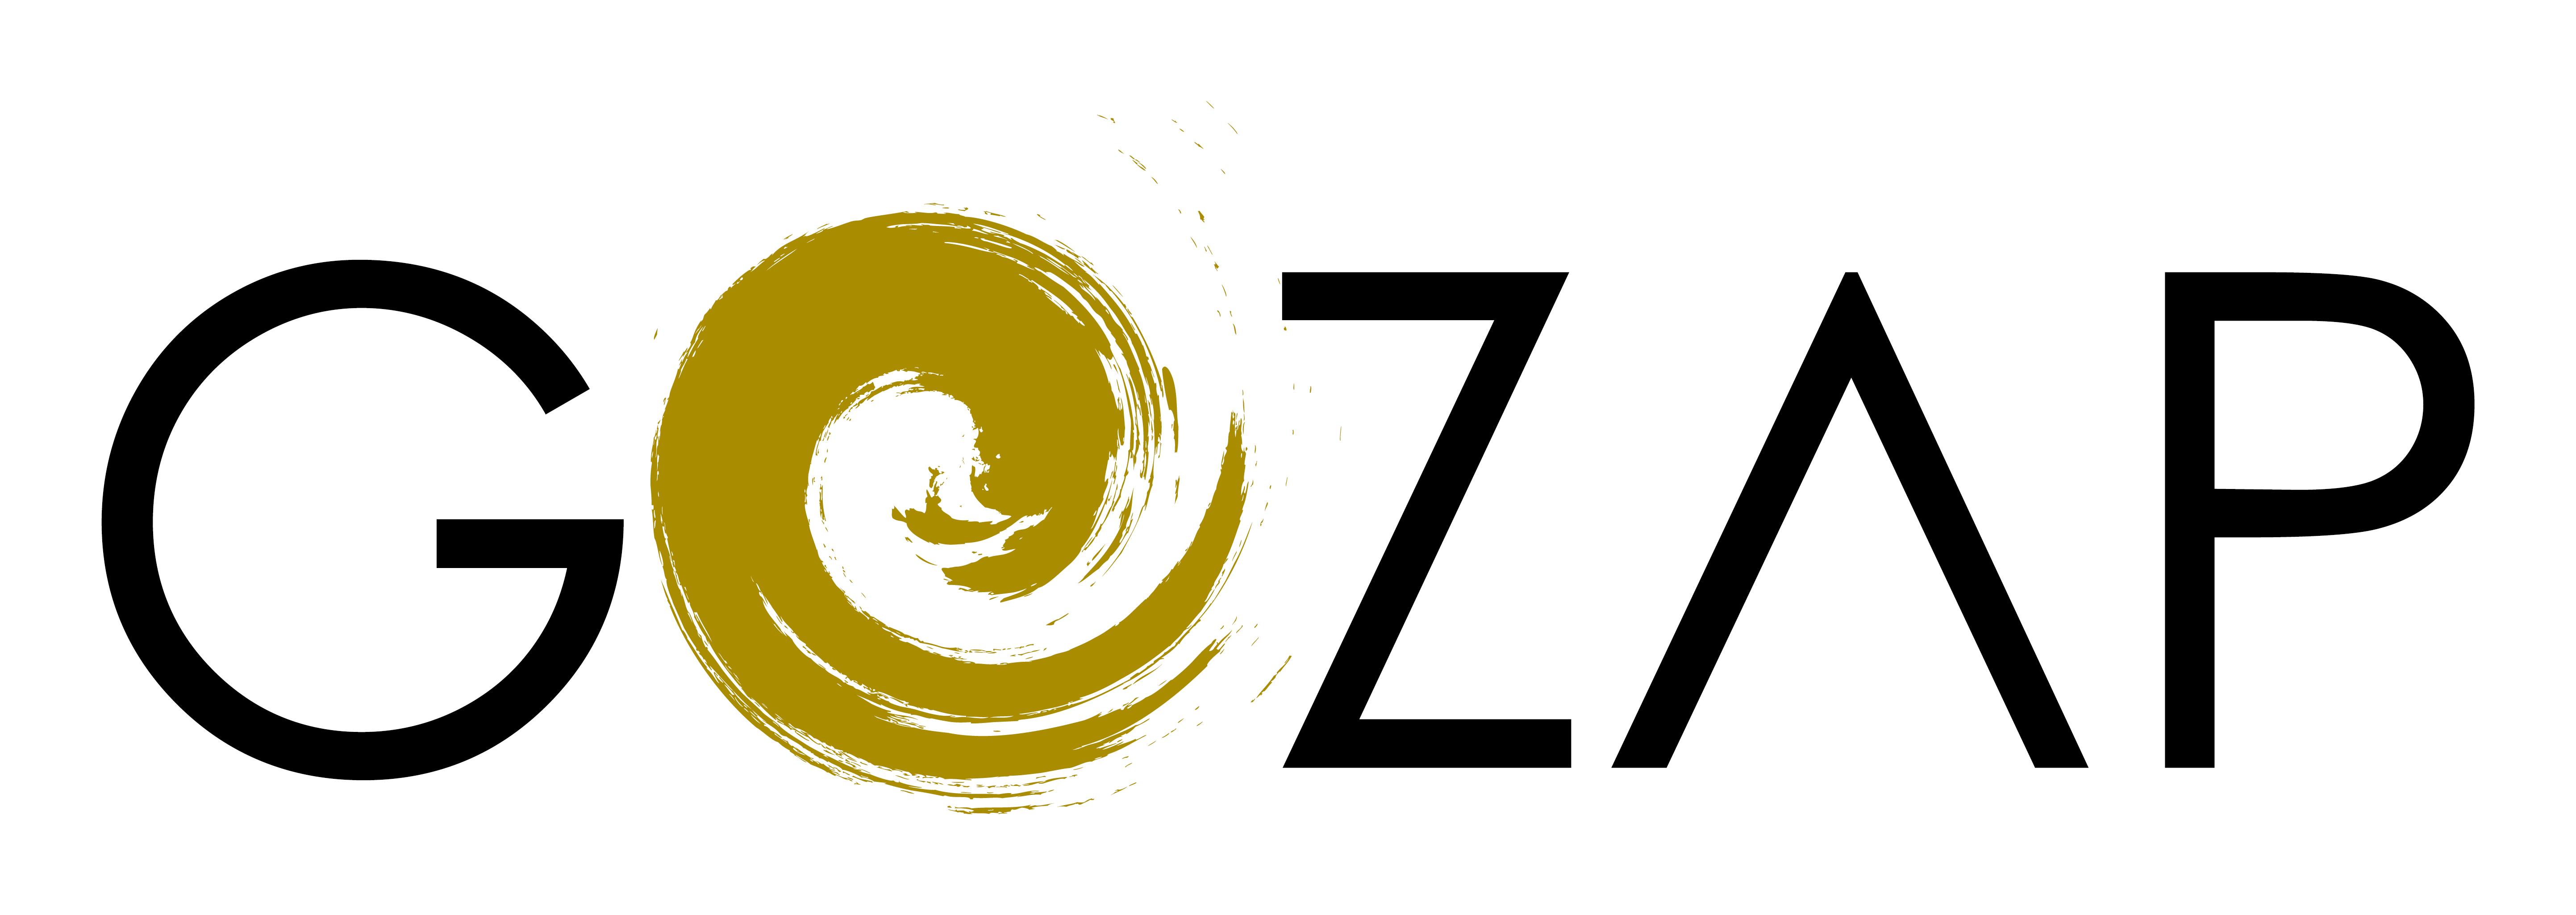 串やでござる運営の株式会社GOZAP